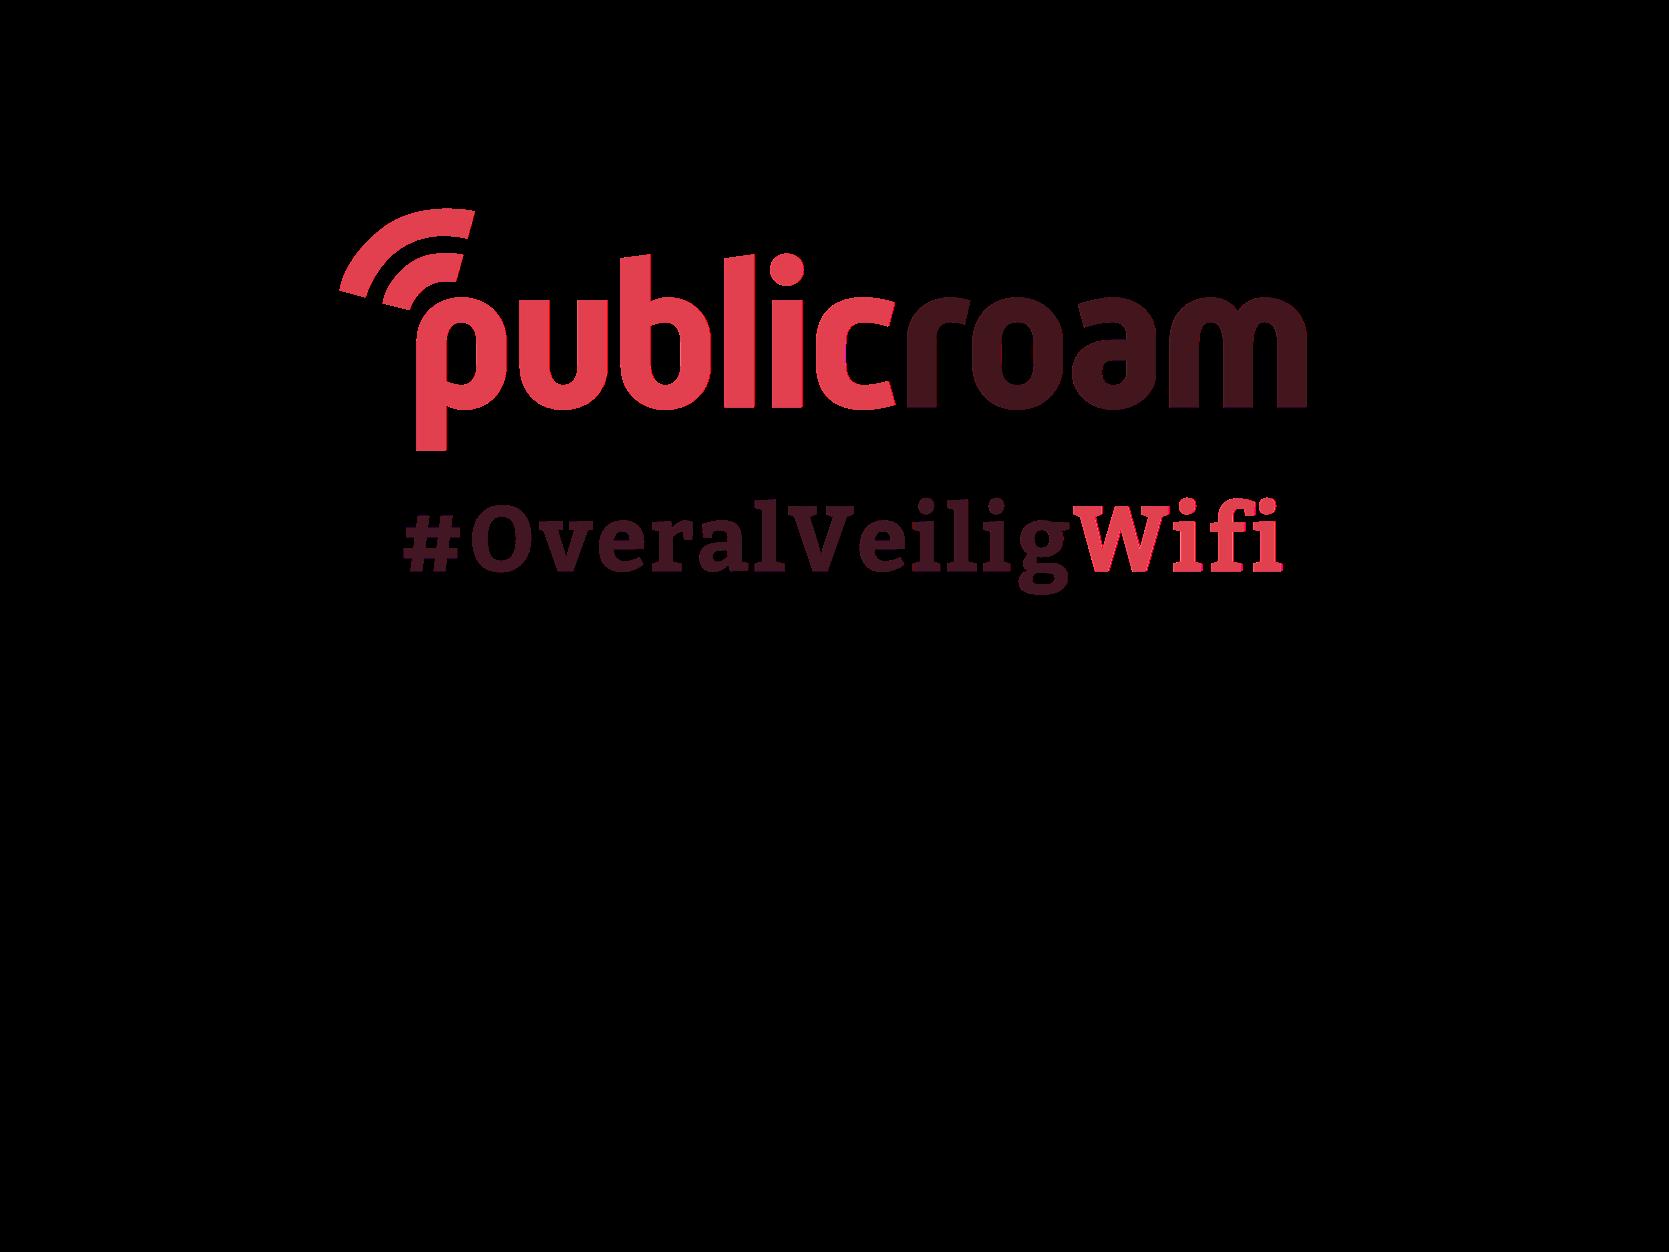 Publicroam